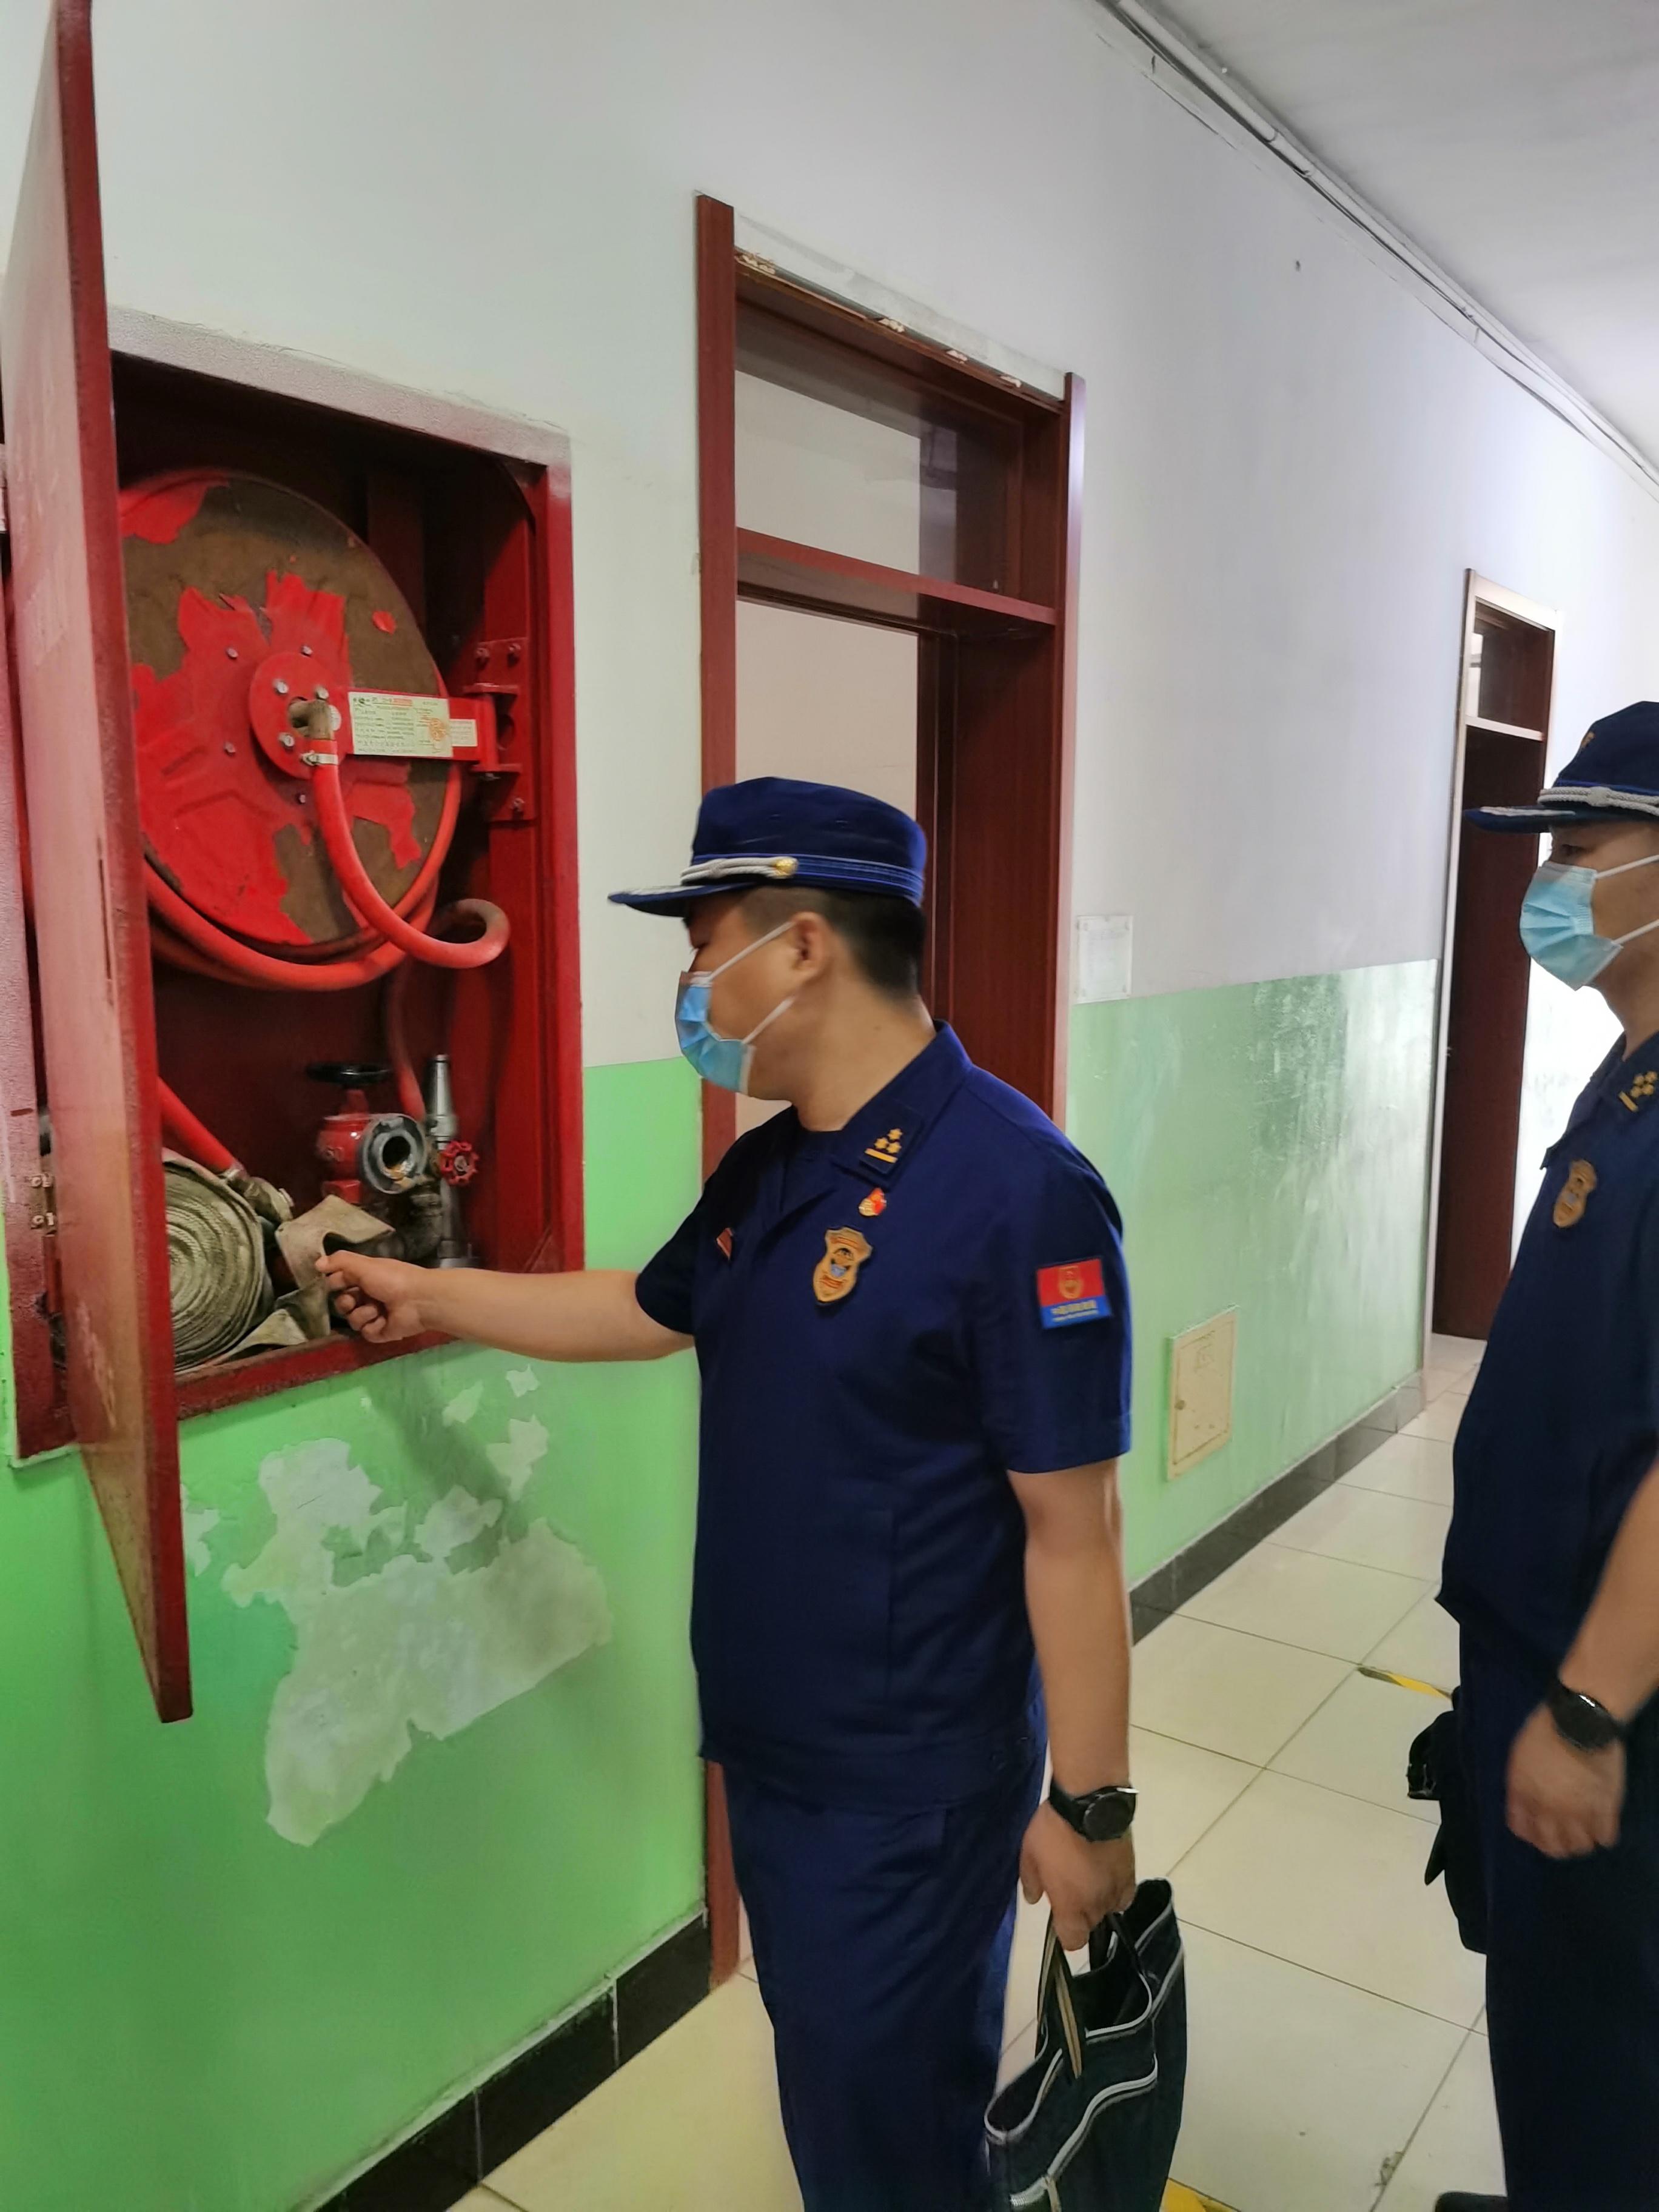 北京市房山区消防支队领导对我校消防安全工作进行检查指导